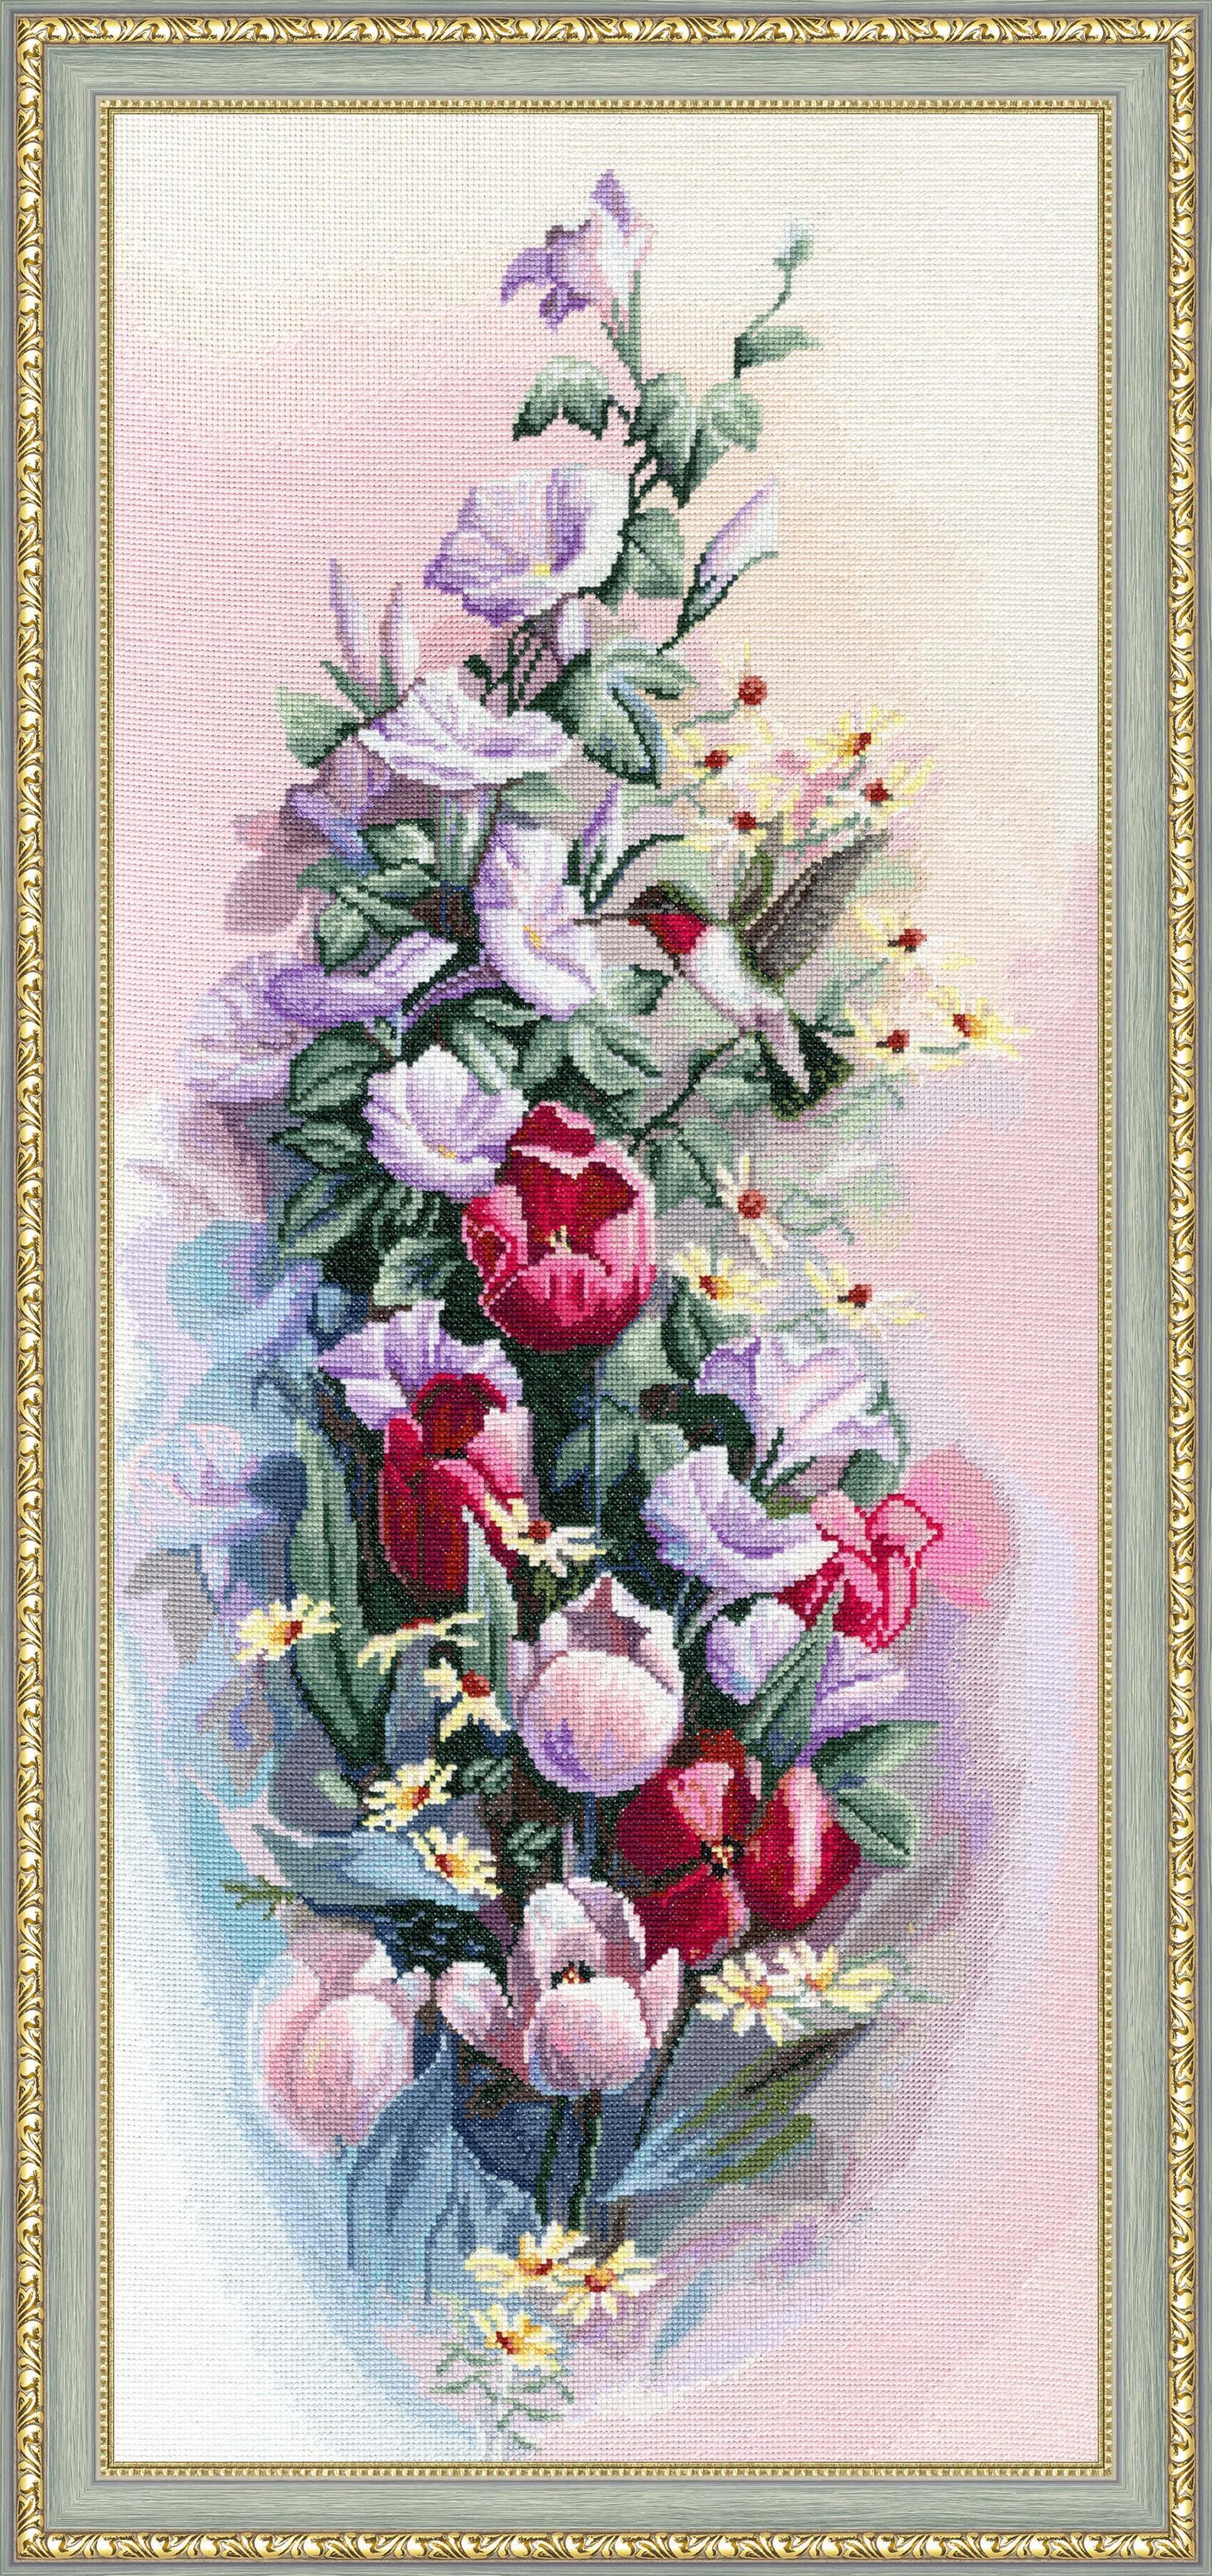 Набор для вышивания Золотое Руно Рапсодия набор для вышивания золотое руно пионы в вазе